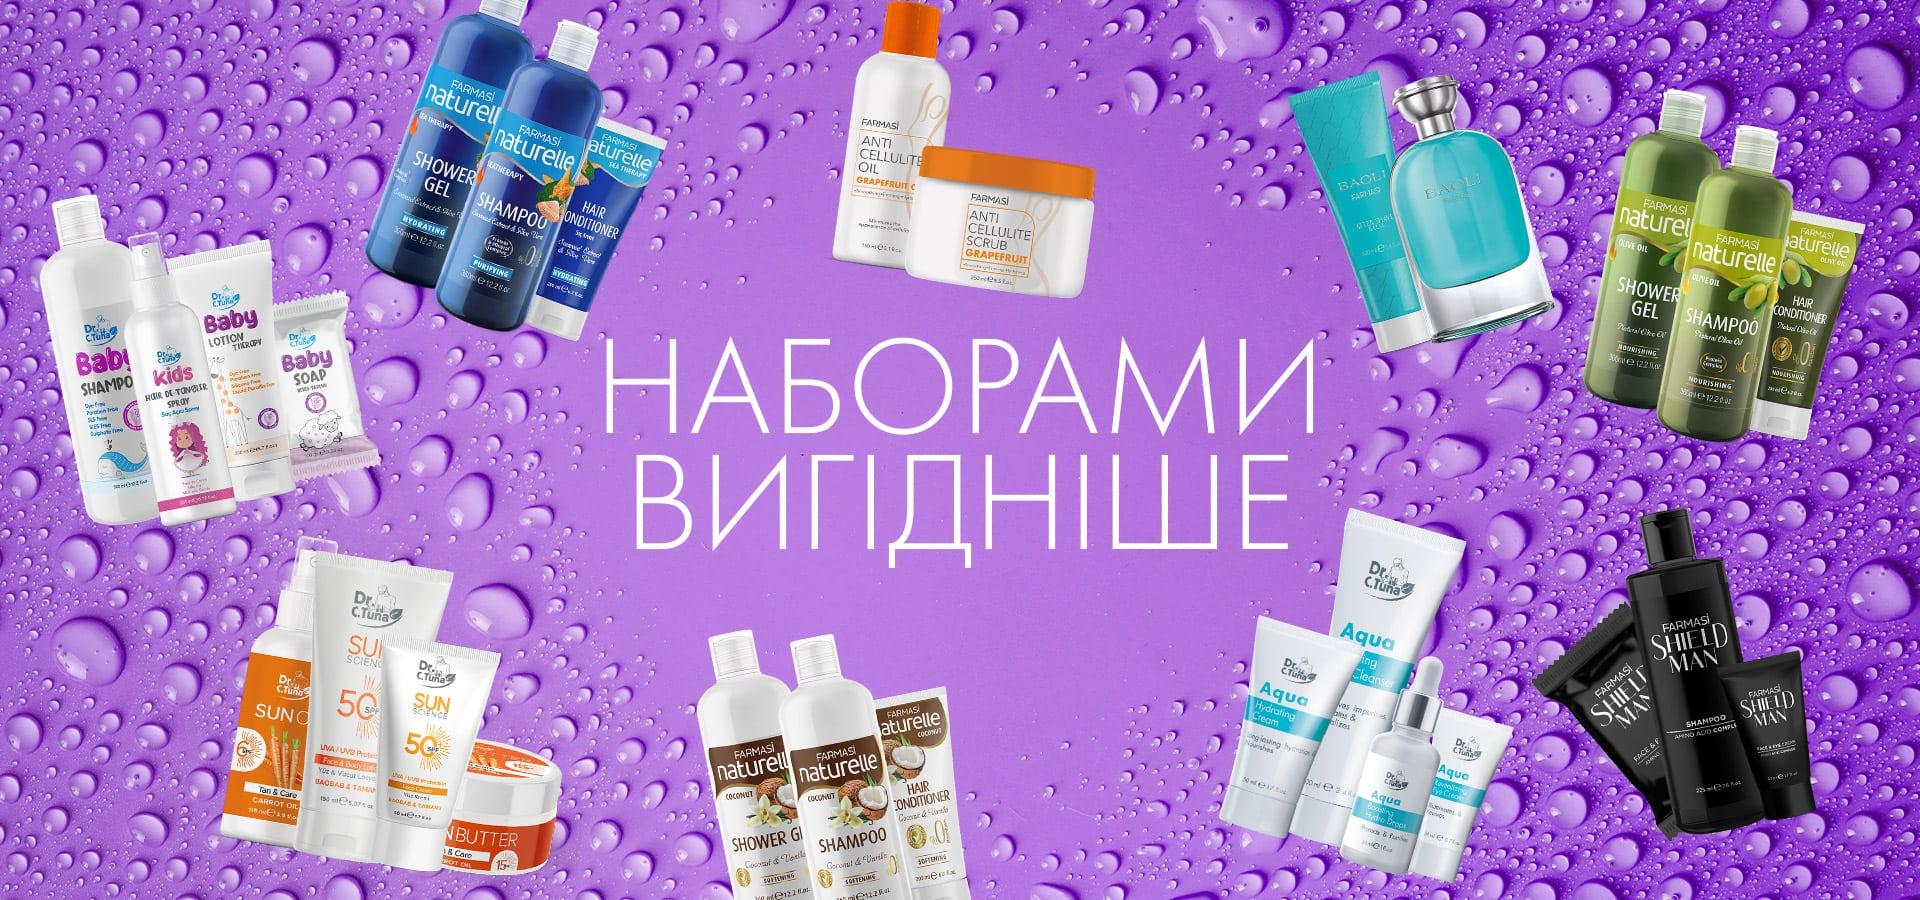 FARMASI24.in.ua - Косметика 5